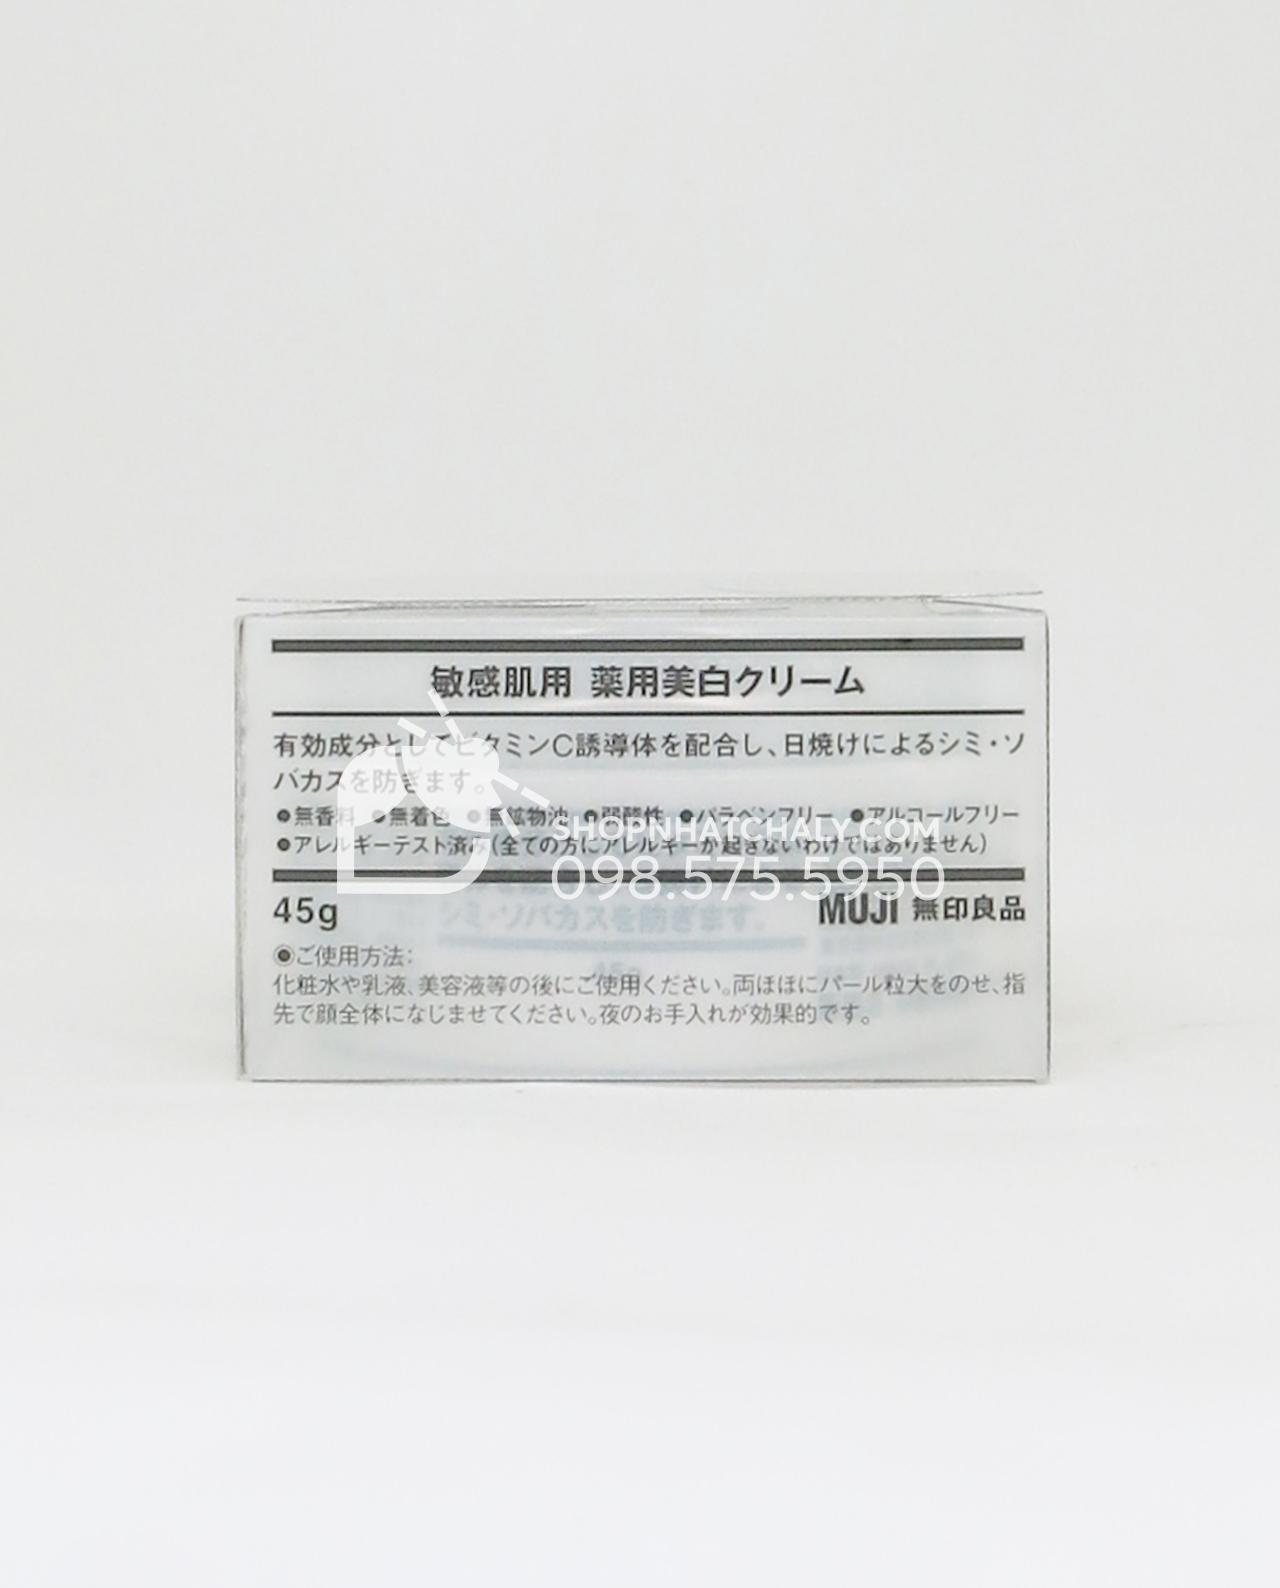 Kem dưỡng trắng da Muji Moisturising Cream Nhật Bản - thông tin sản phẩm